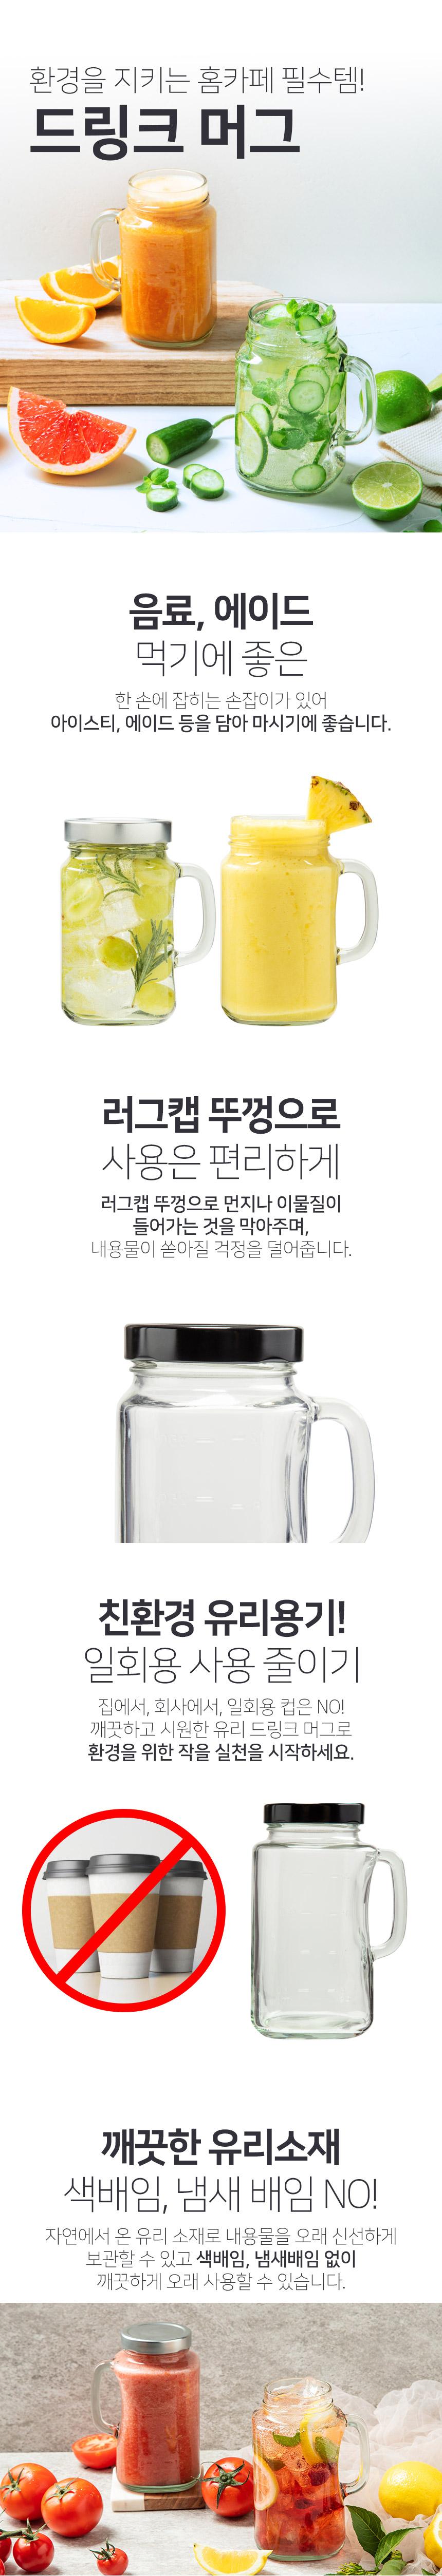 드링크머그 800ml_1조 - 경성리빙테크, 3,200원, 밀폐/보관용기, 술병/유리병